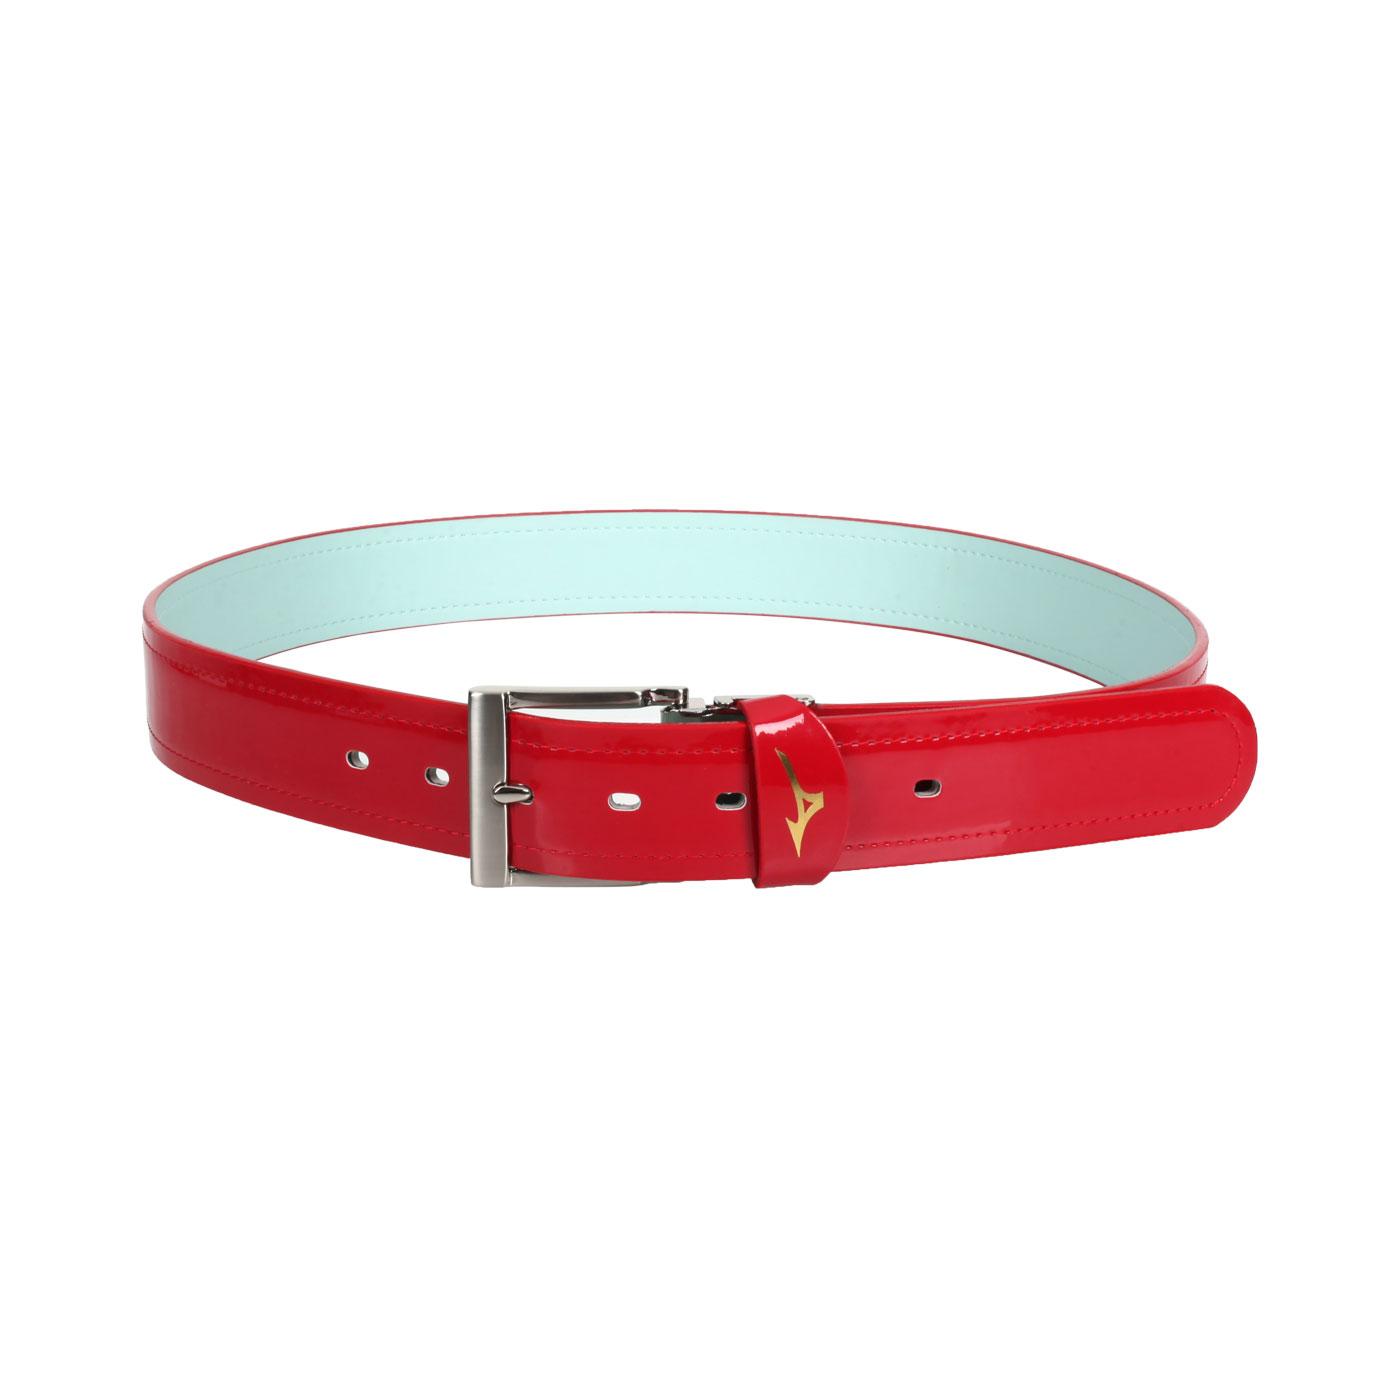 MIZUNO 棒壘皮帶 12TY0V0062 - 紅綠